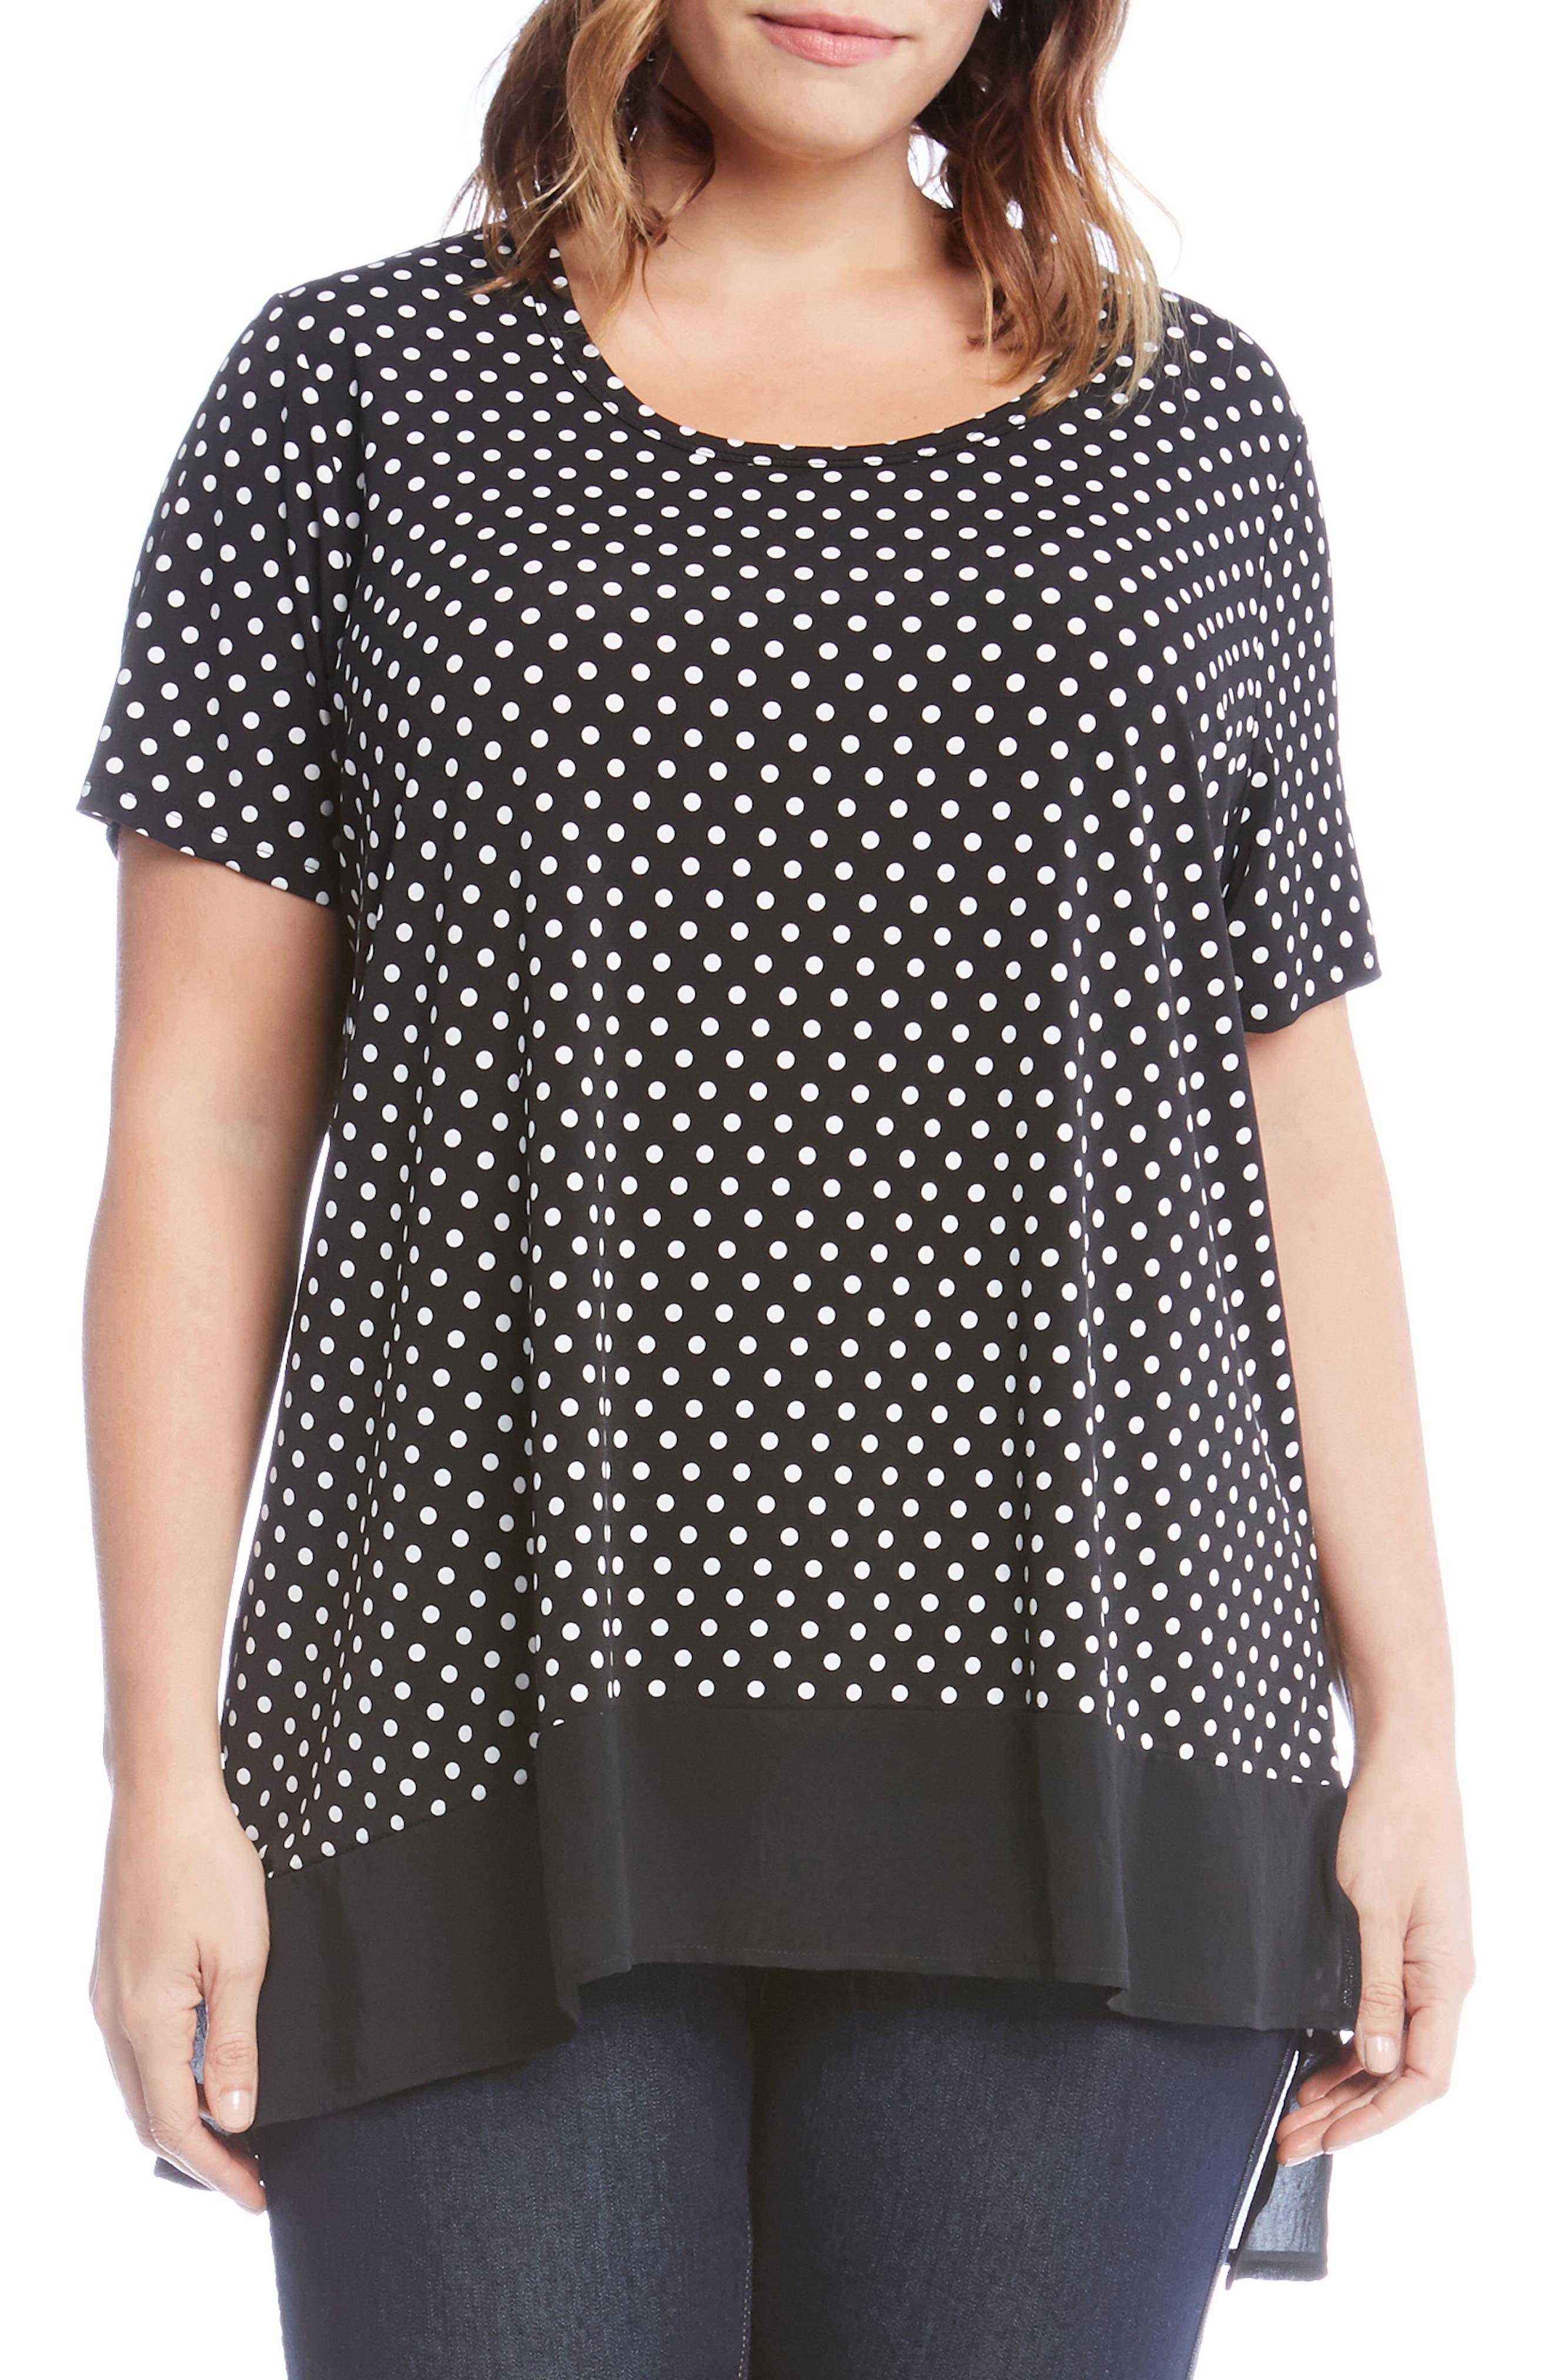 Main Image - Karen Kane Polka Dot Sheer Asymmetrical Hem Top (Plus Size)